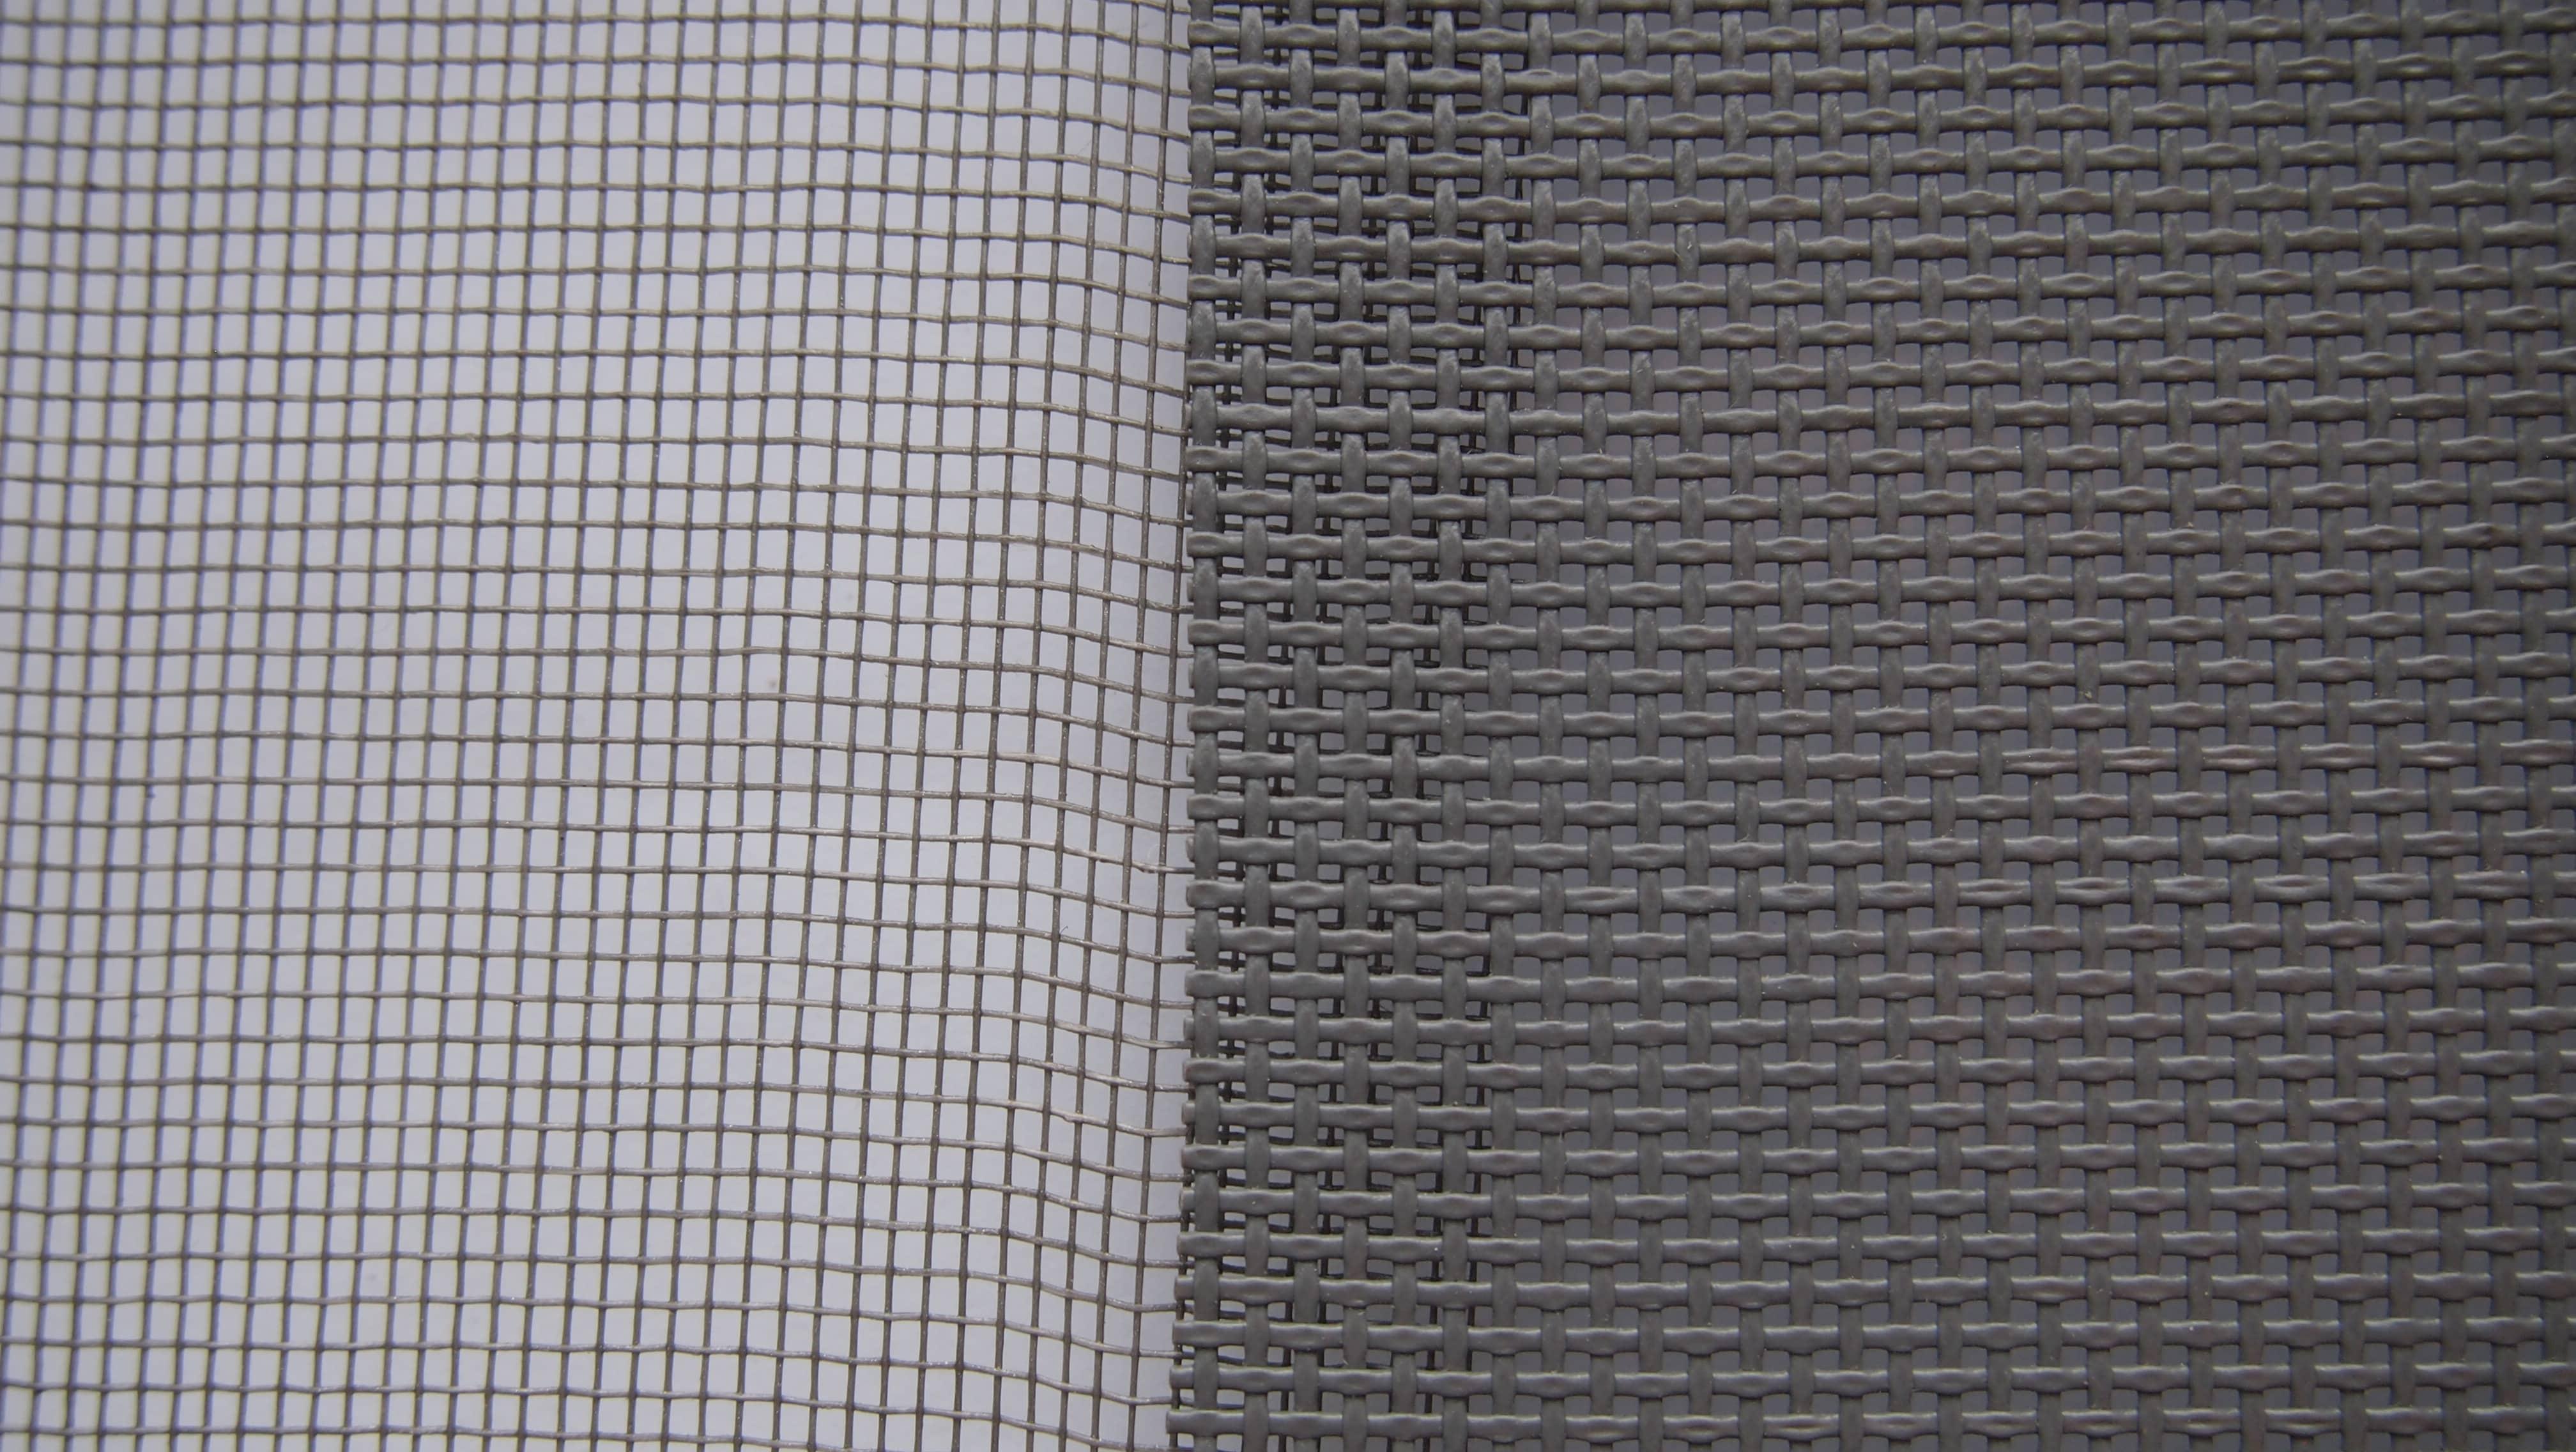 Сетка в сравнении обычная стекловолокно и антипыль